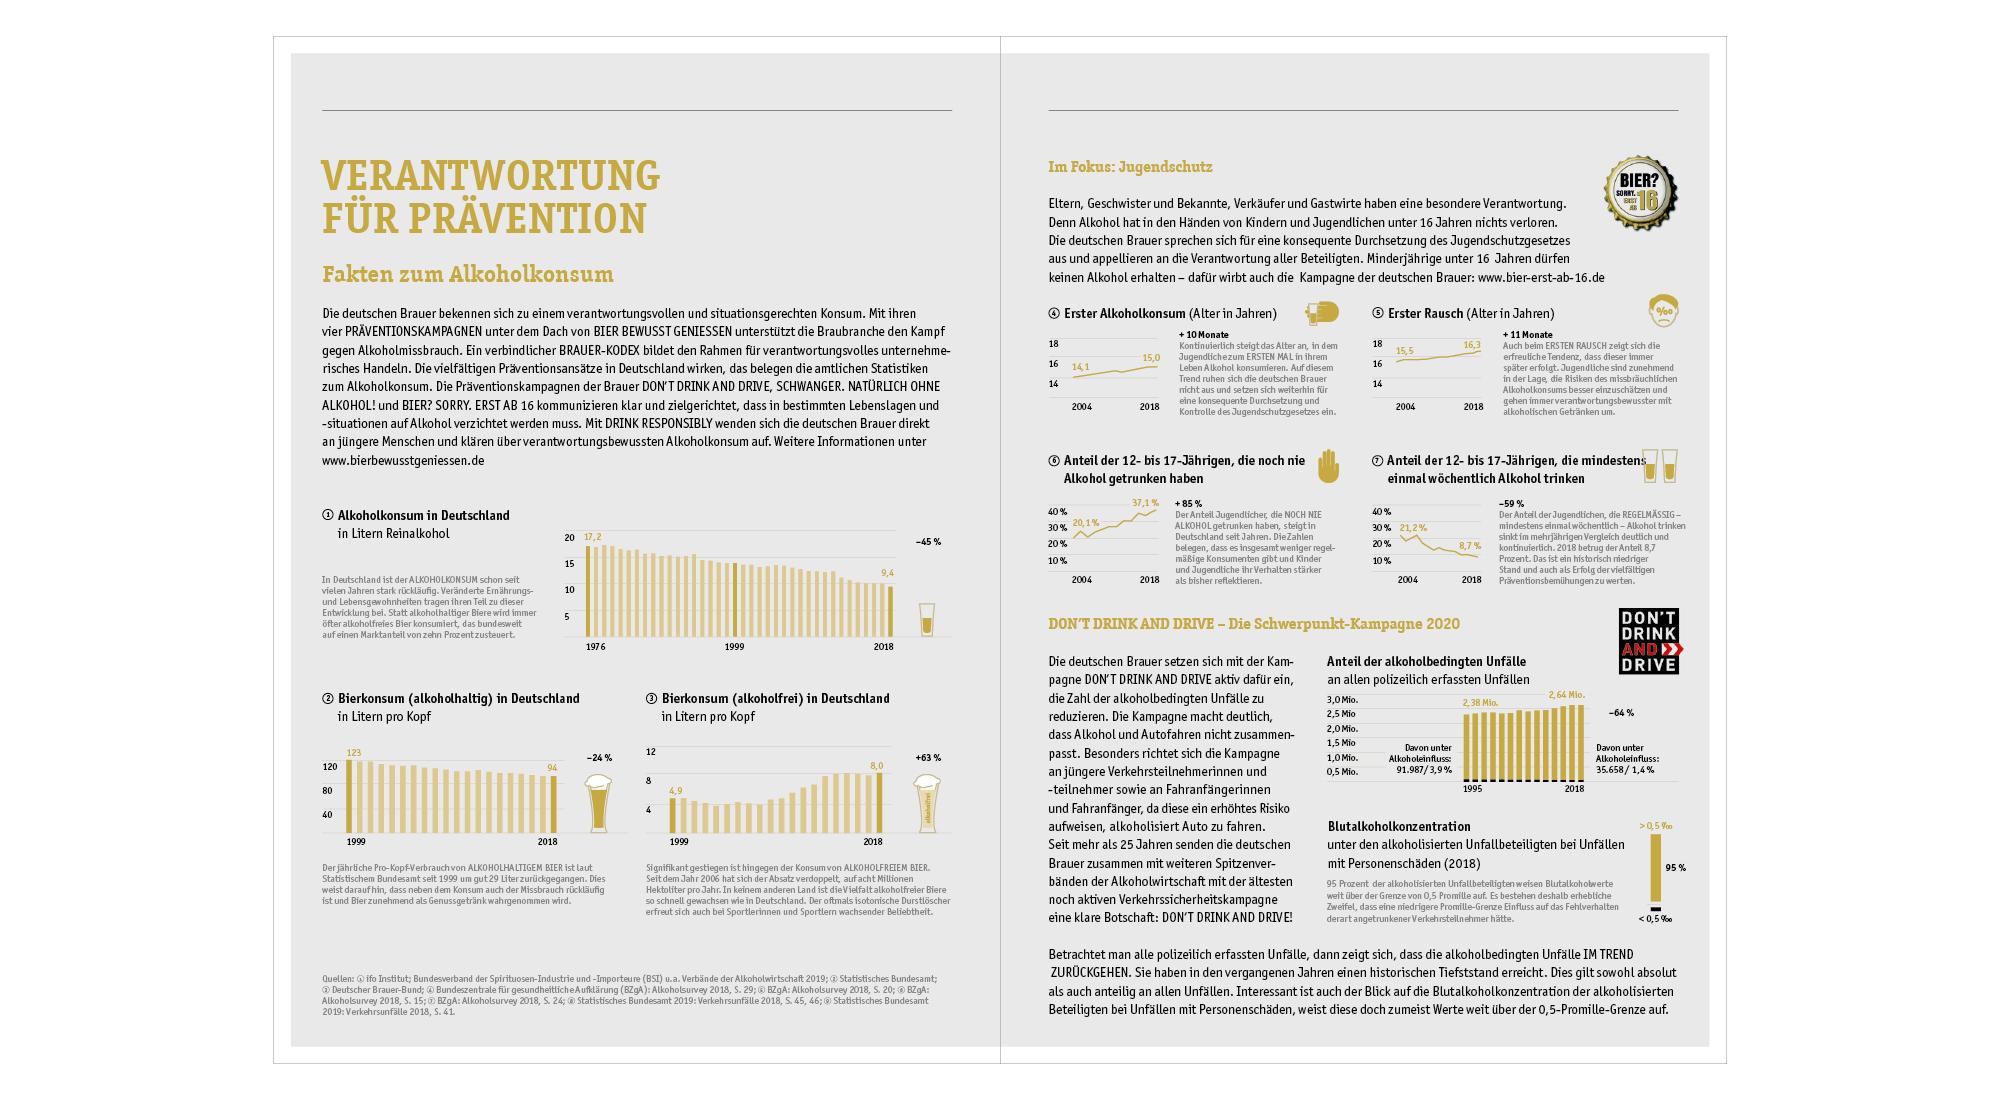 DBB GB2020 / Daten und Fakten